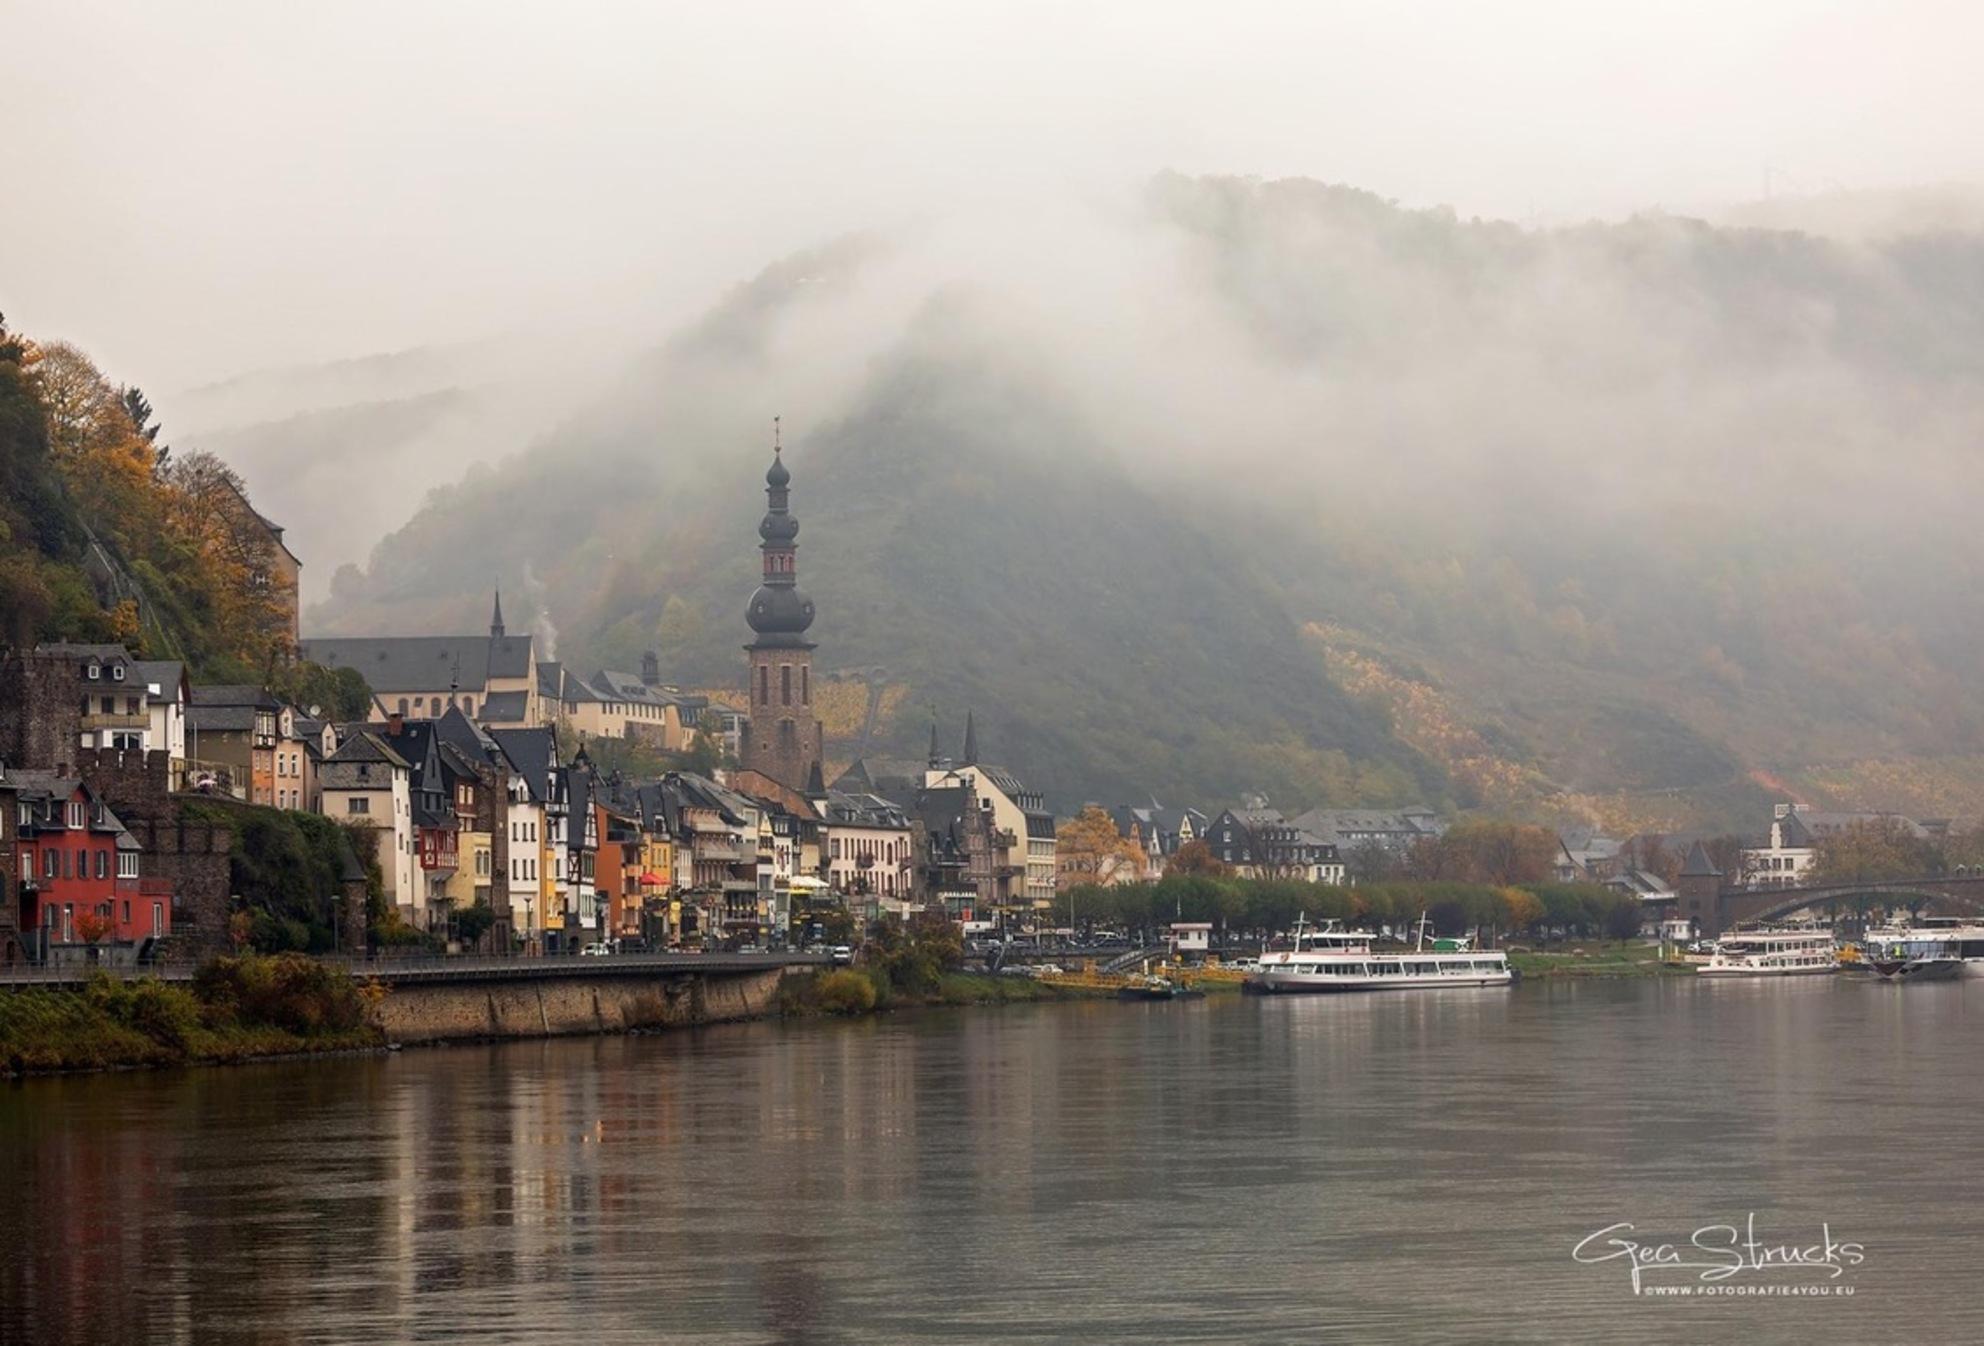 Moezel promenade cochem - Moezel promenade cochem in de mist - foto door madcorona op 12-11-2020 - deze foto bevat: kasteel, landschap, mist, cochem, duitsland, moezel. moezel promenade